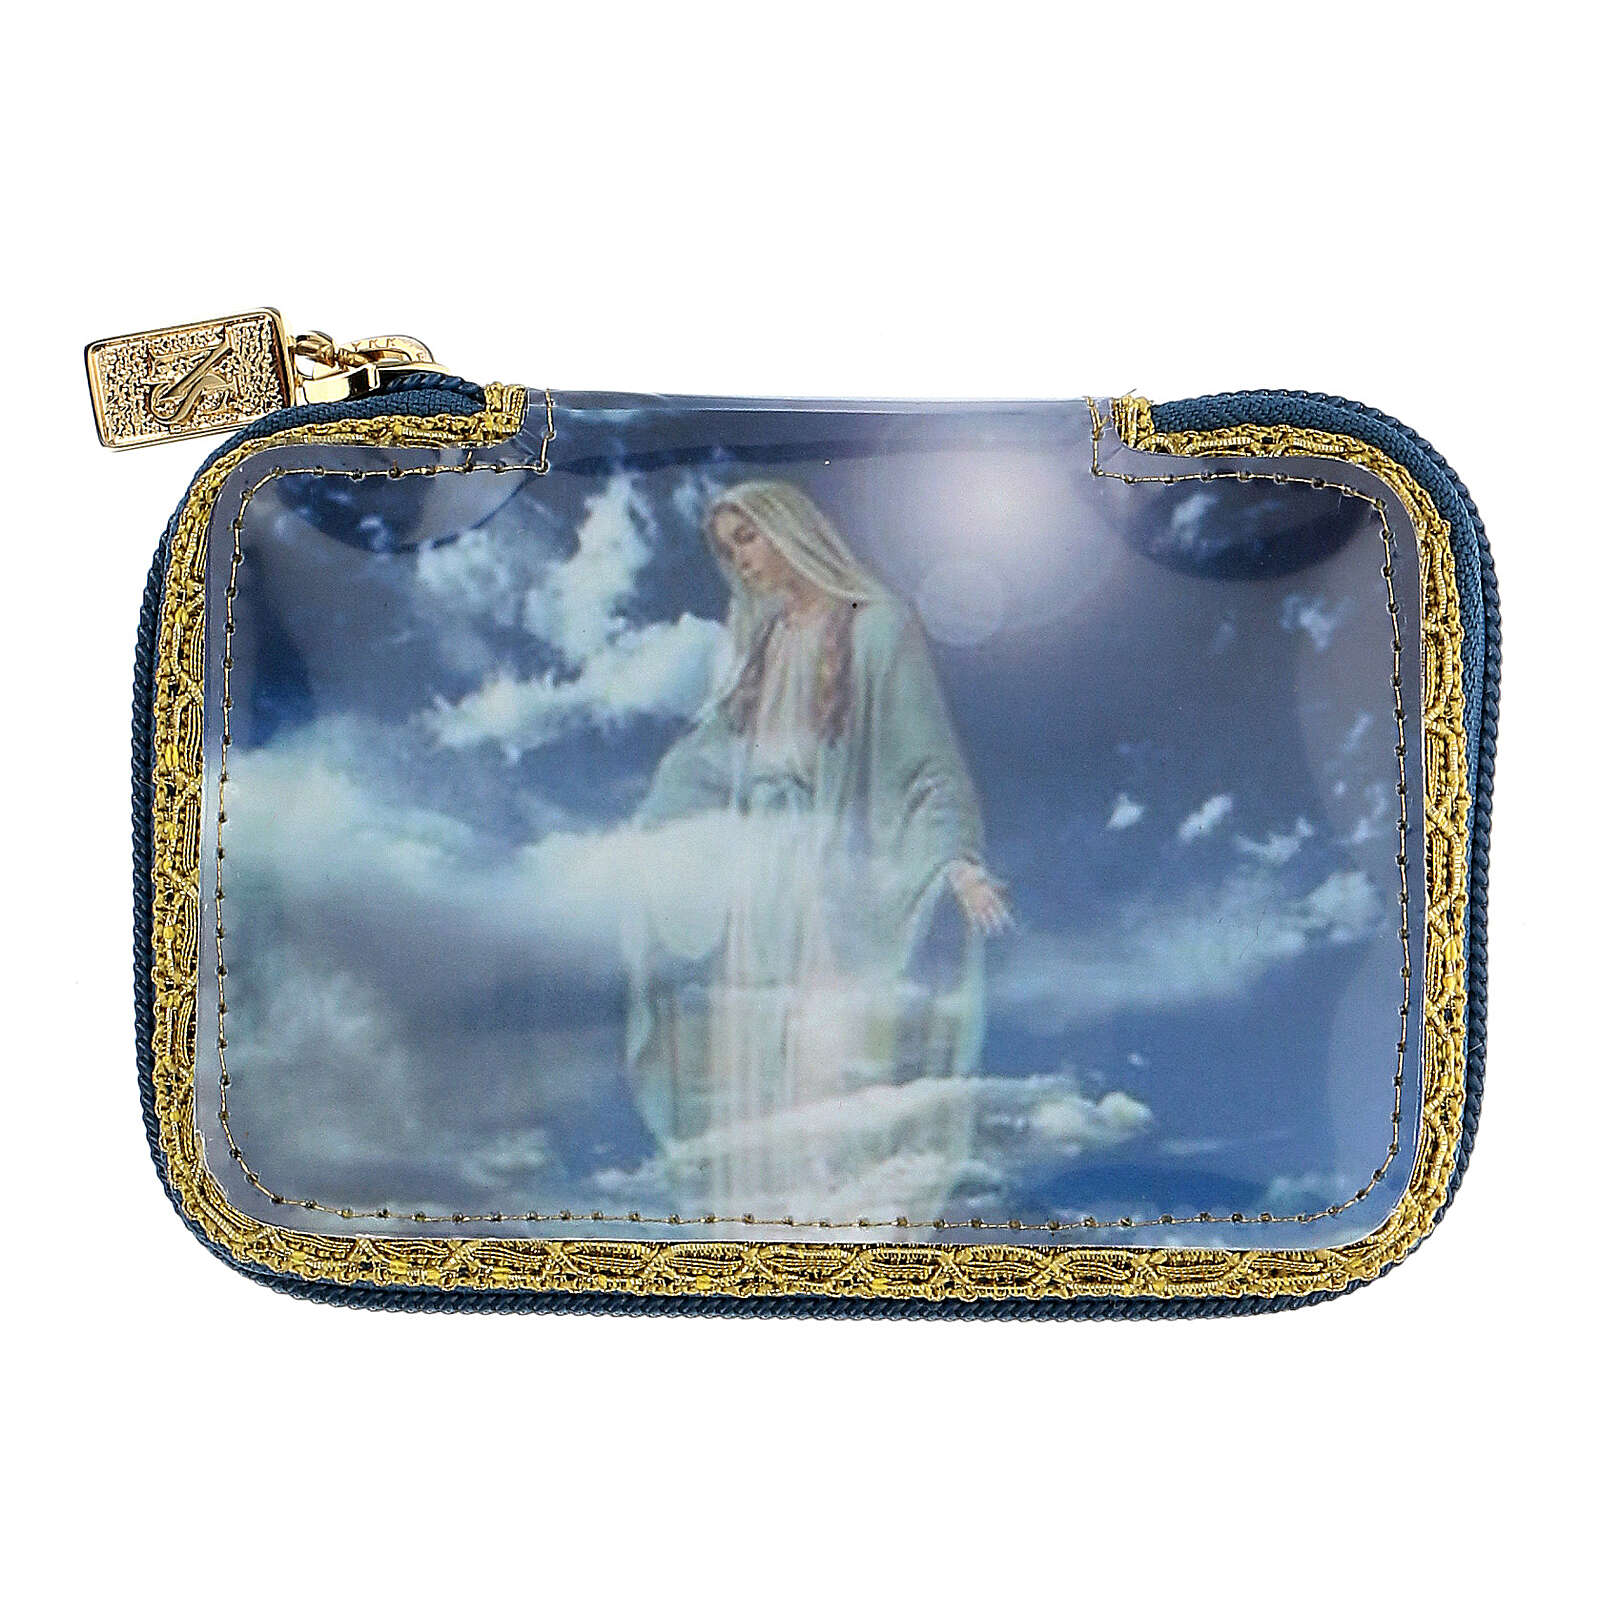 Étui pour viatique bleu Vierge Marie custode diam. 5,5 cm 3